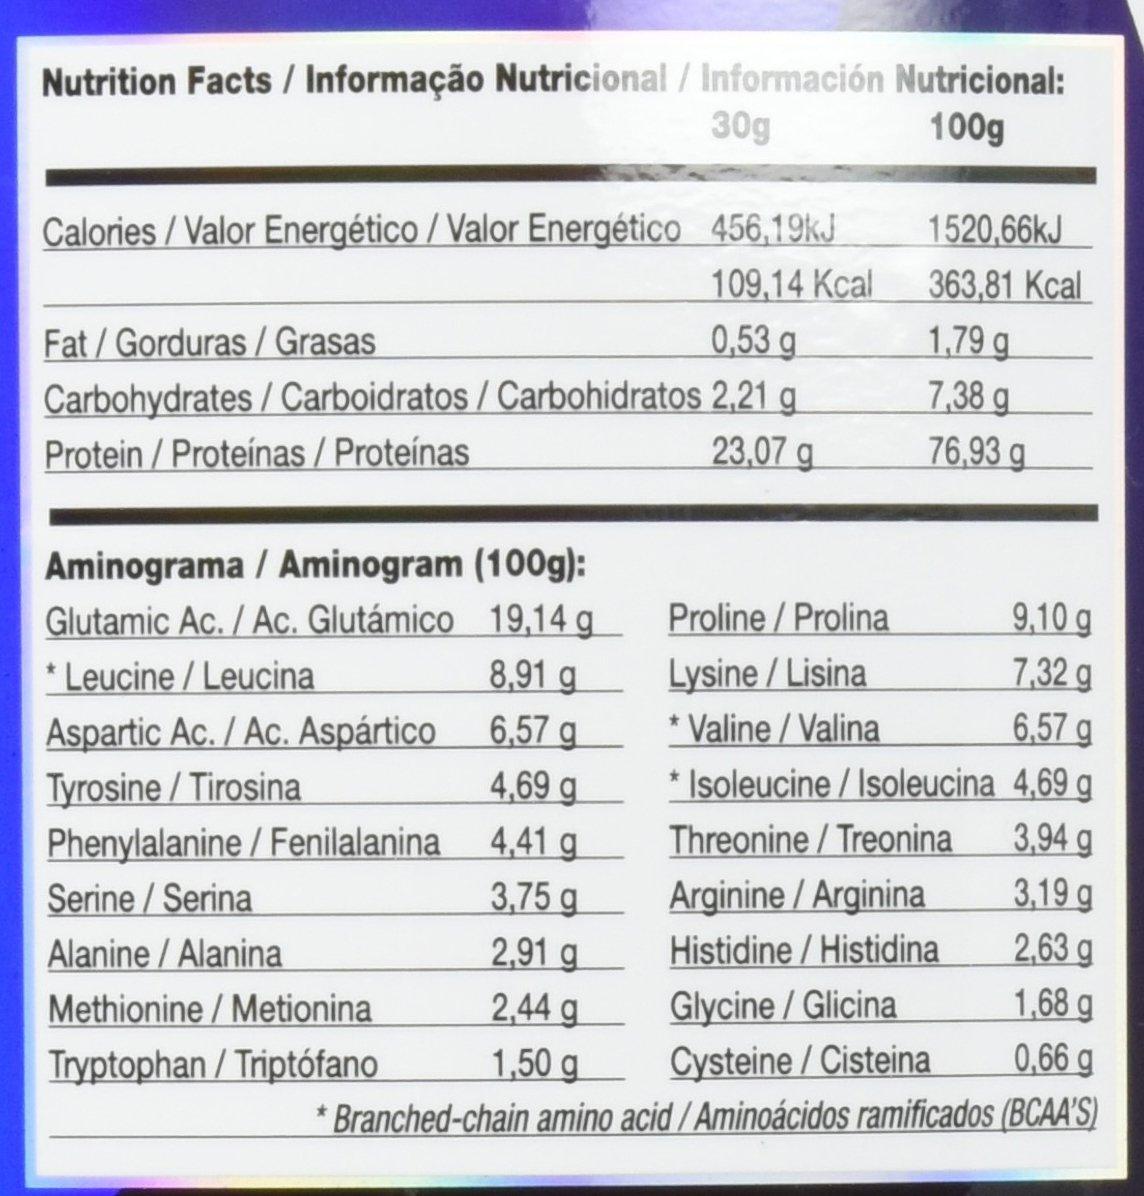 Quamtrax Nutrition Suplemento para Deportistas Isowhey, Sabor a Vainilla Cinnamon - 2267 gr: Amazon.es: Salud y cuidado personal